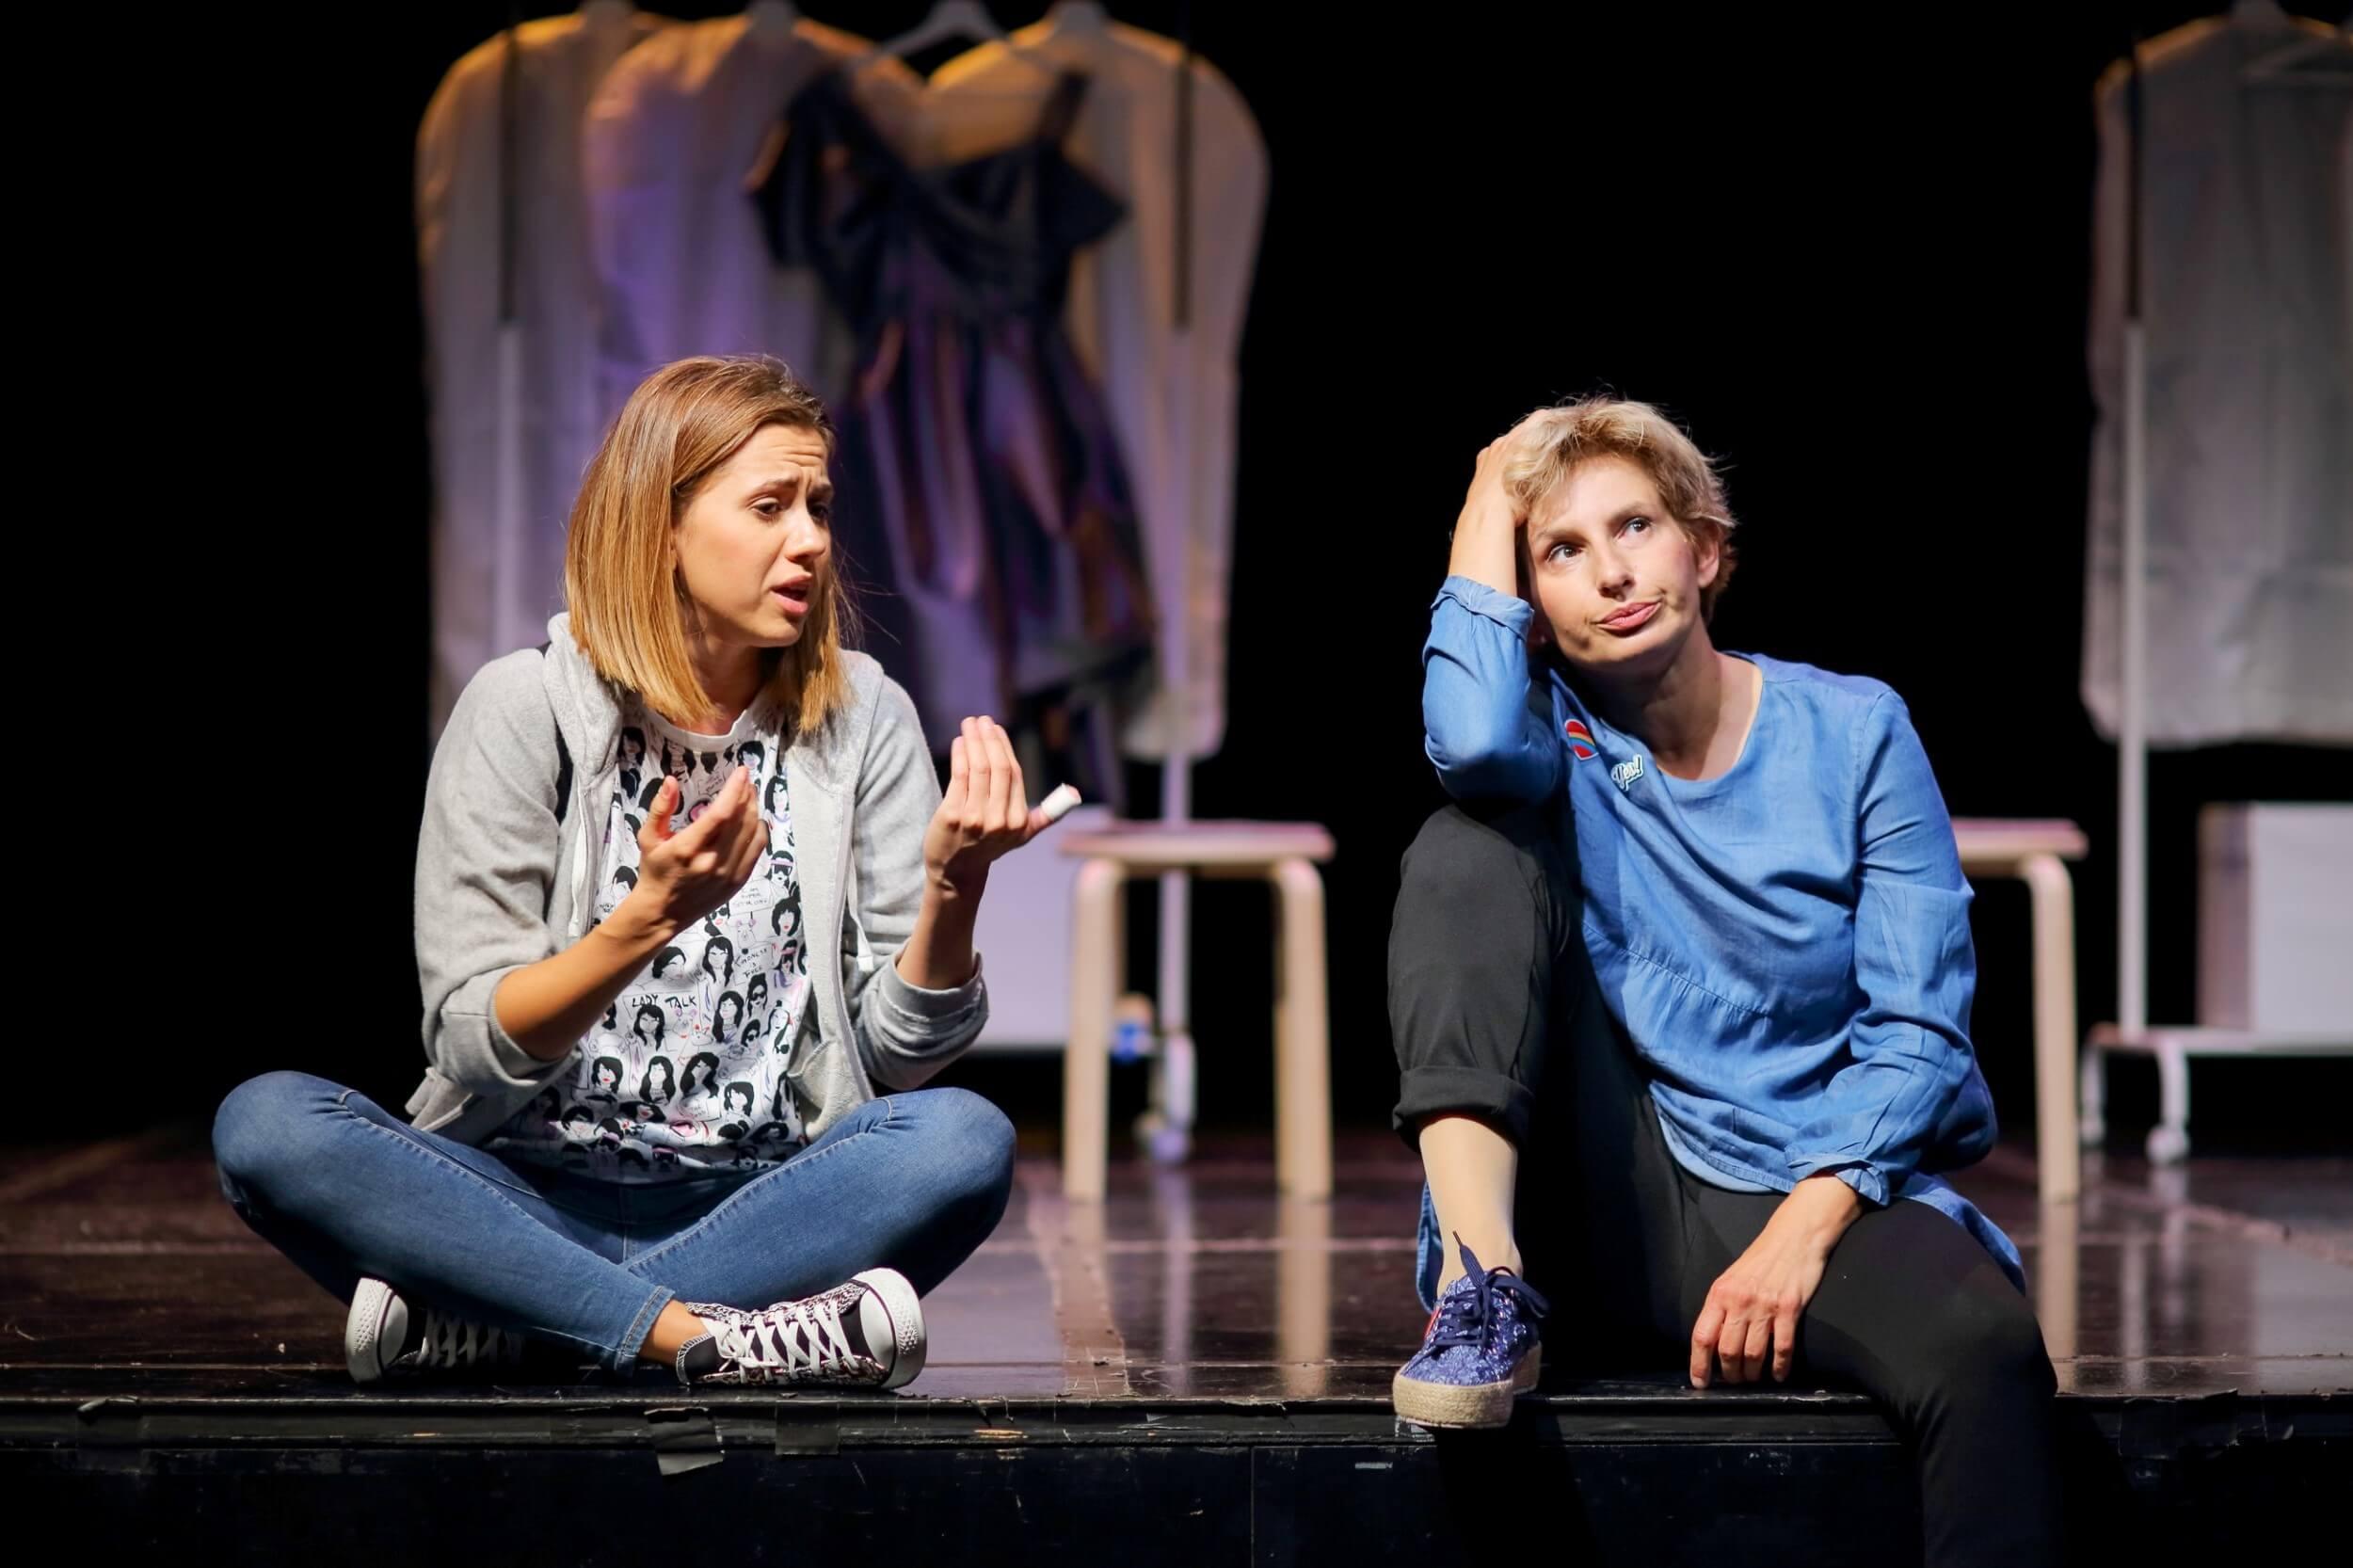 'Dvije crte plavo': Na kazališnim daskama o problemima tinejdžerske trudnoće